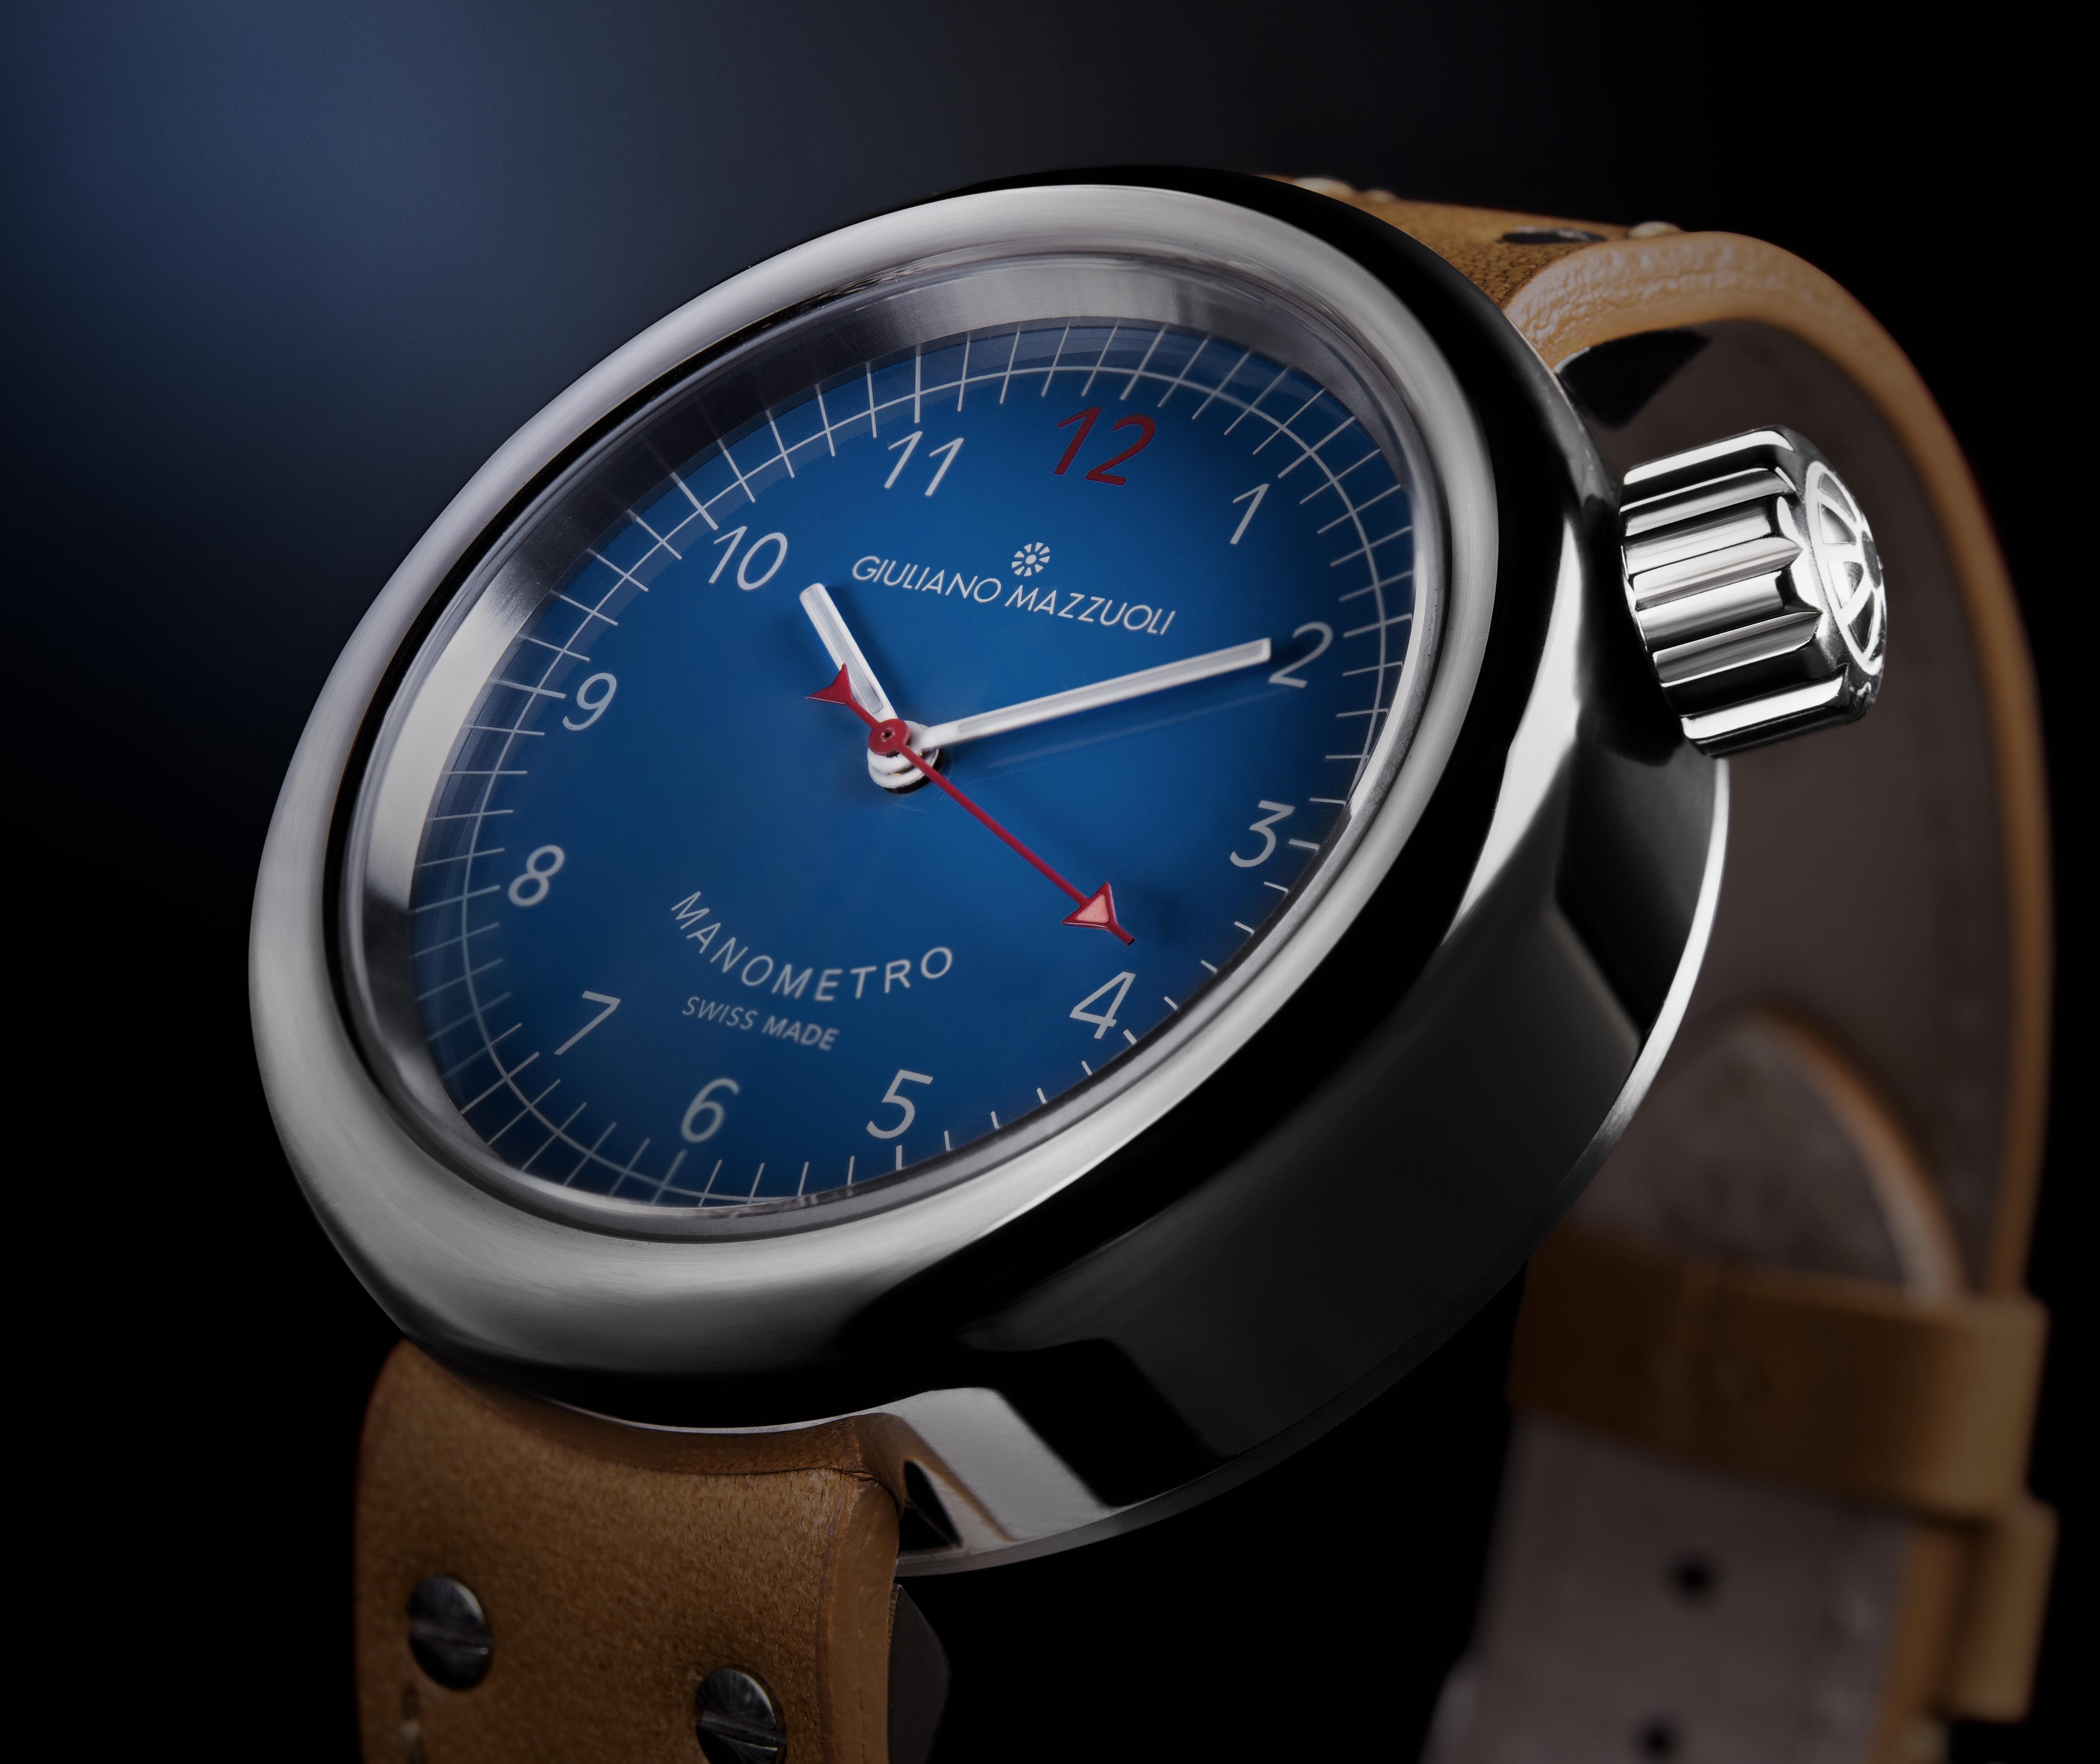 The new Manometro with blue dial. Giuliano Mazzuoli©